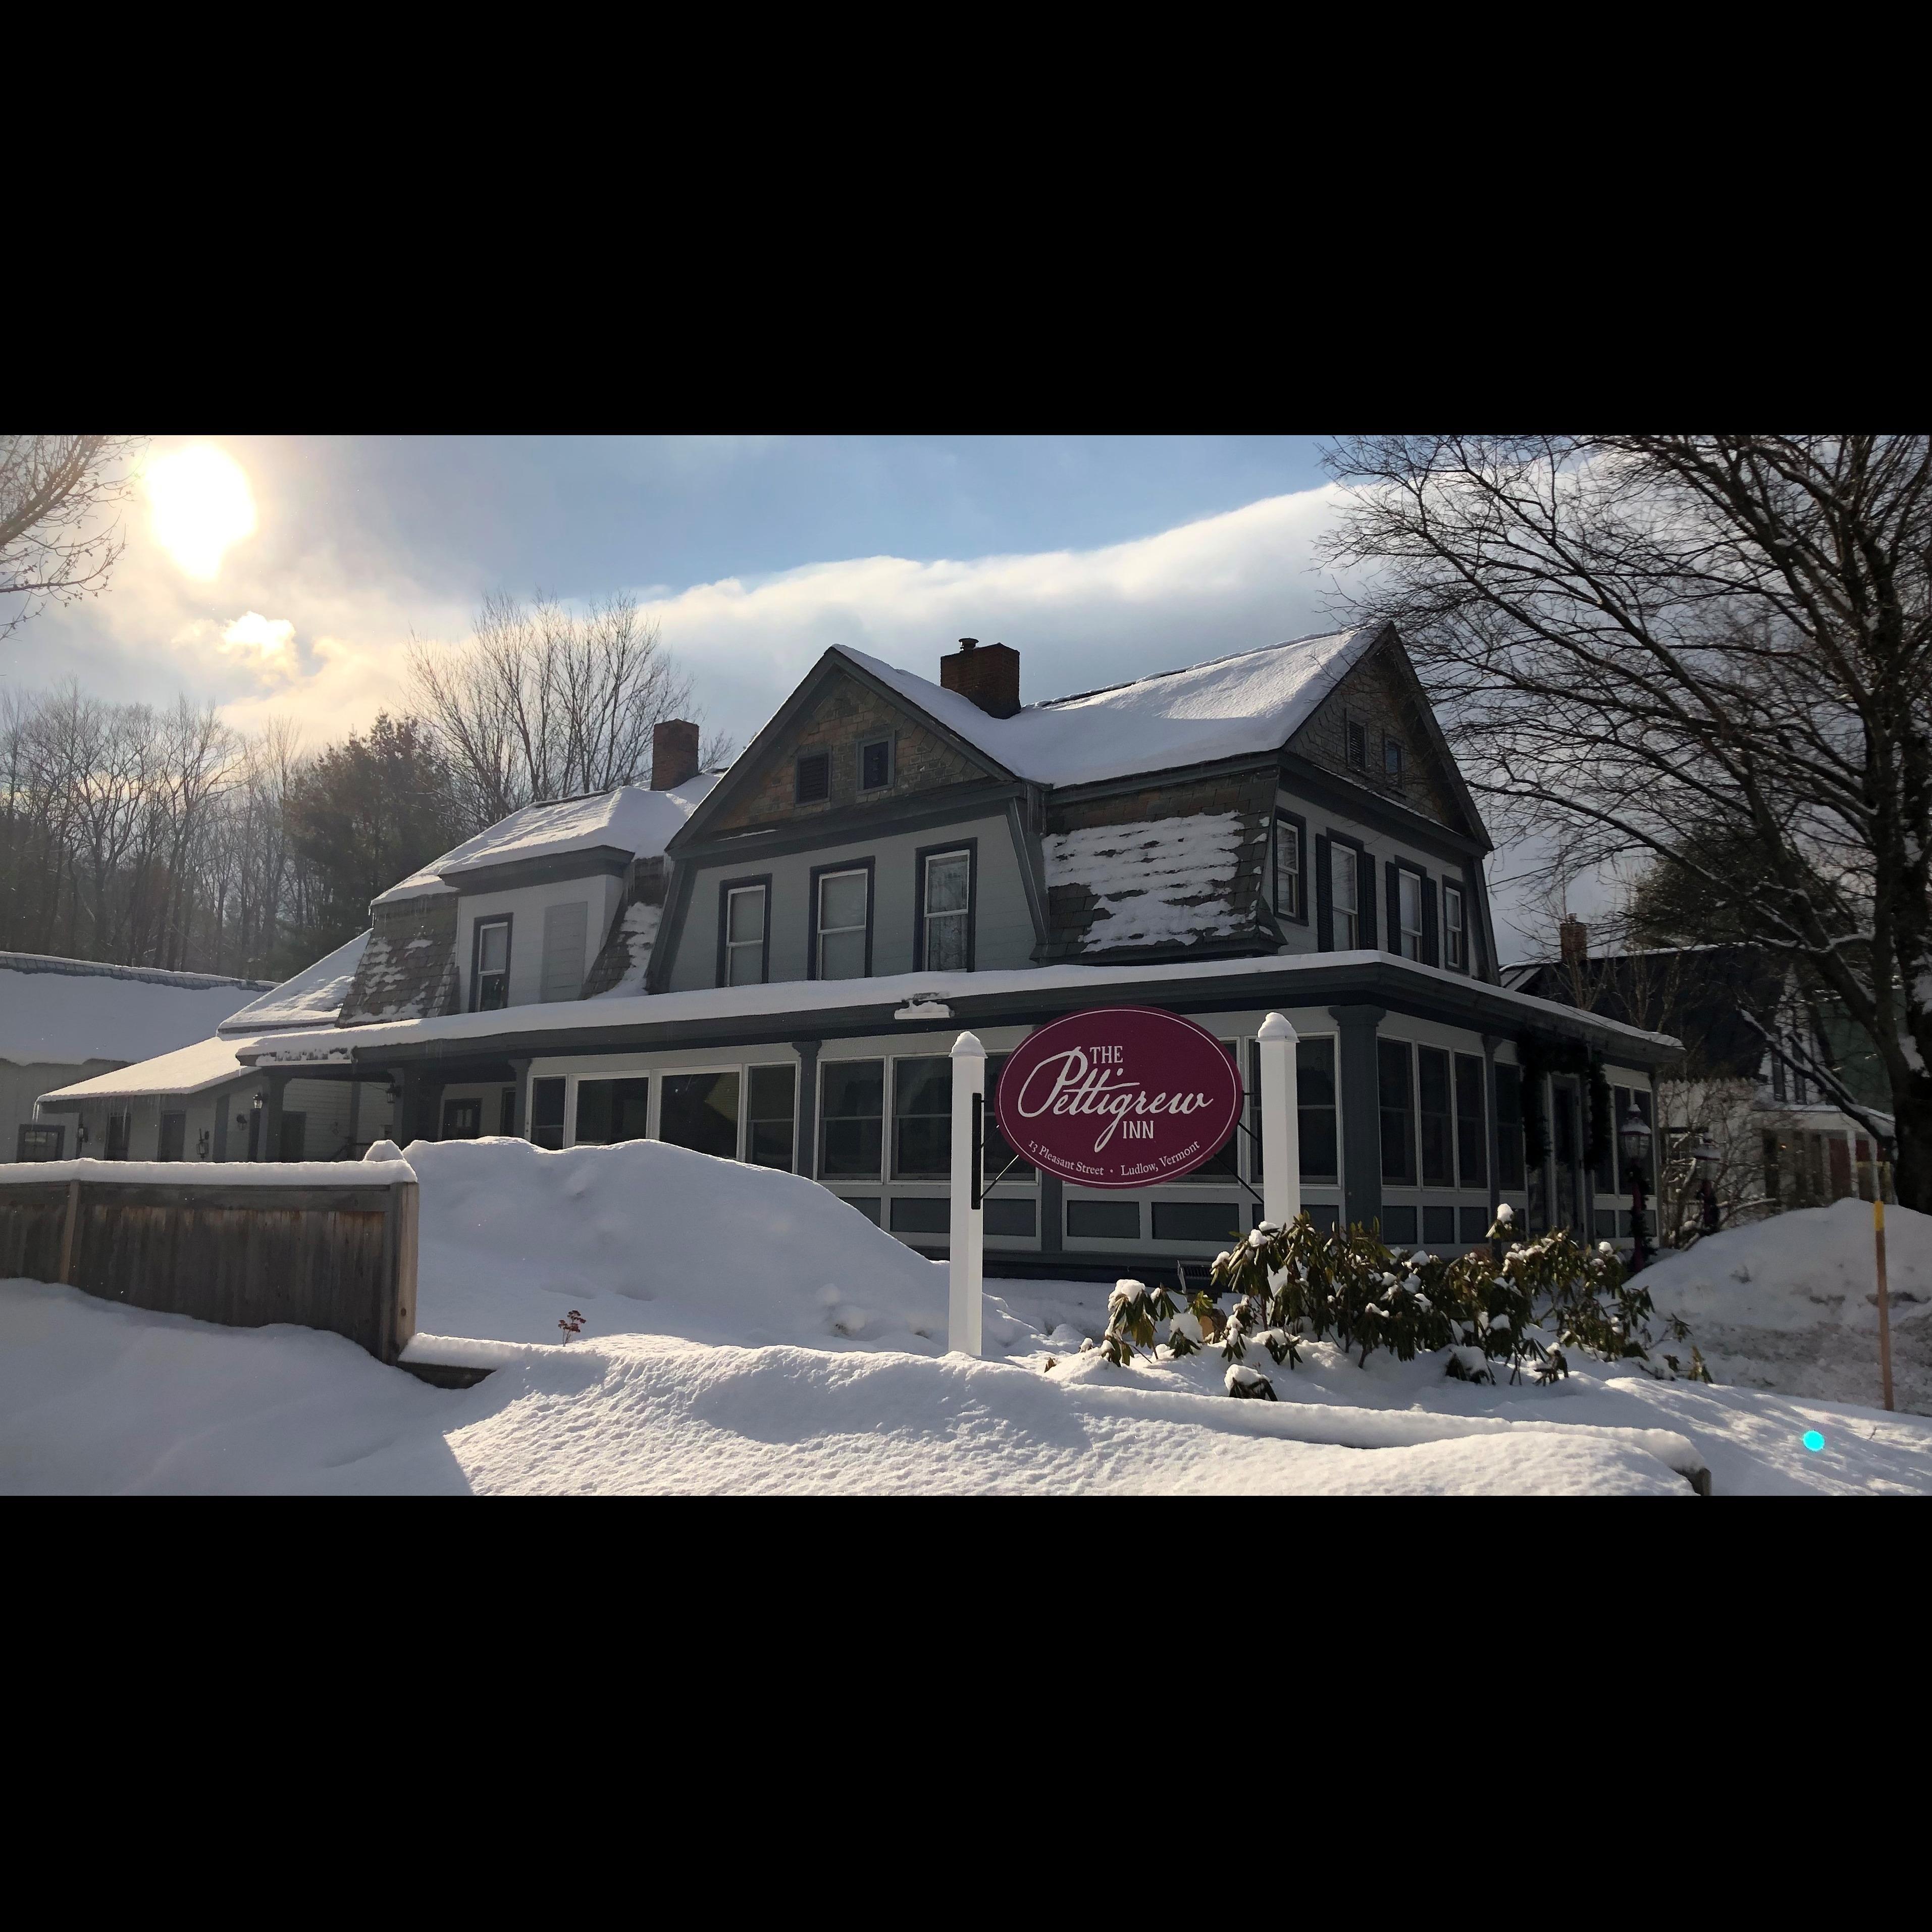 Pettigrew Inn